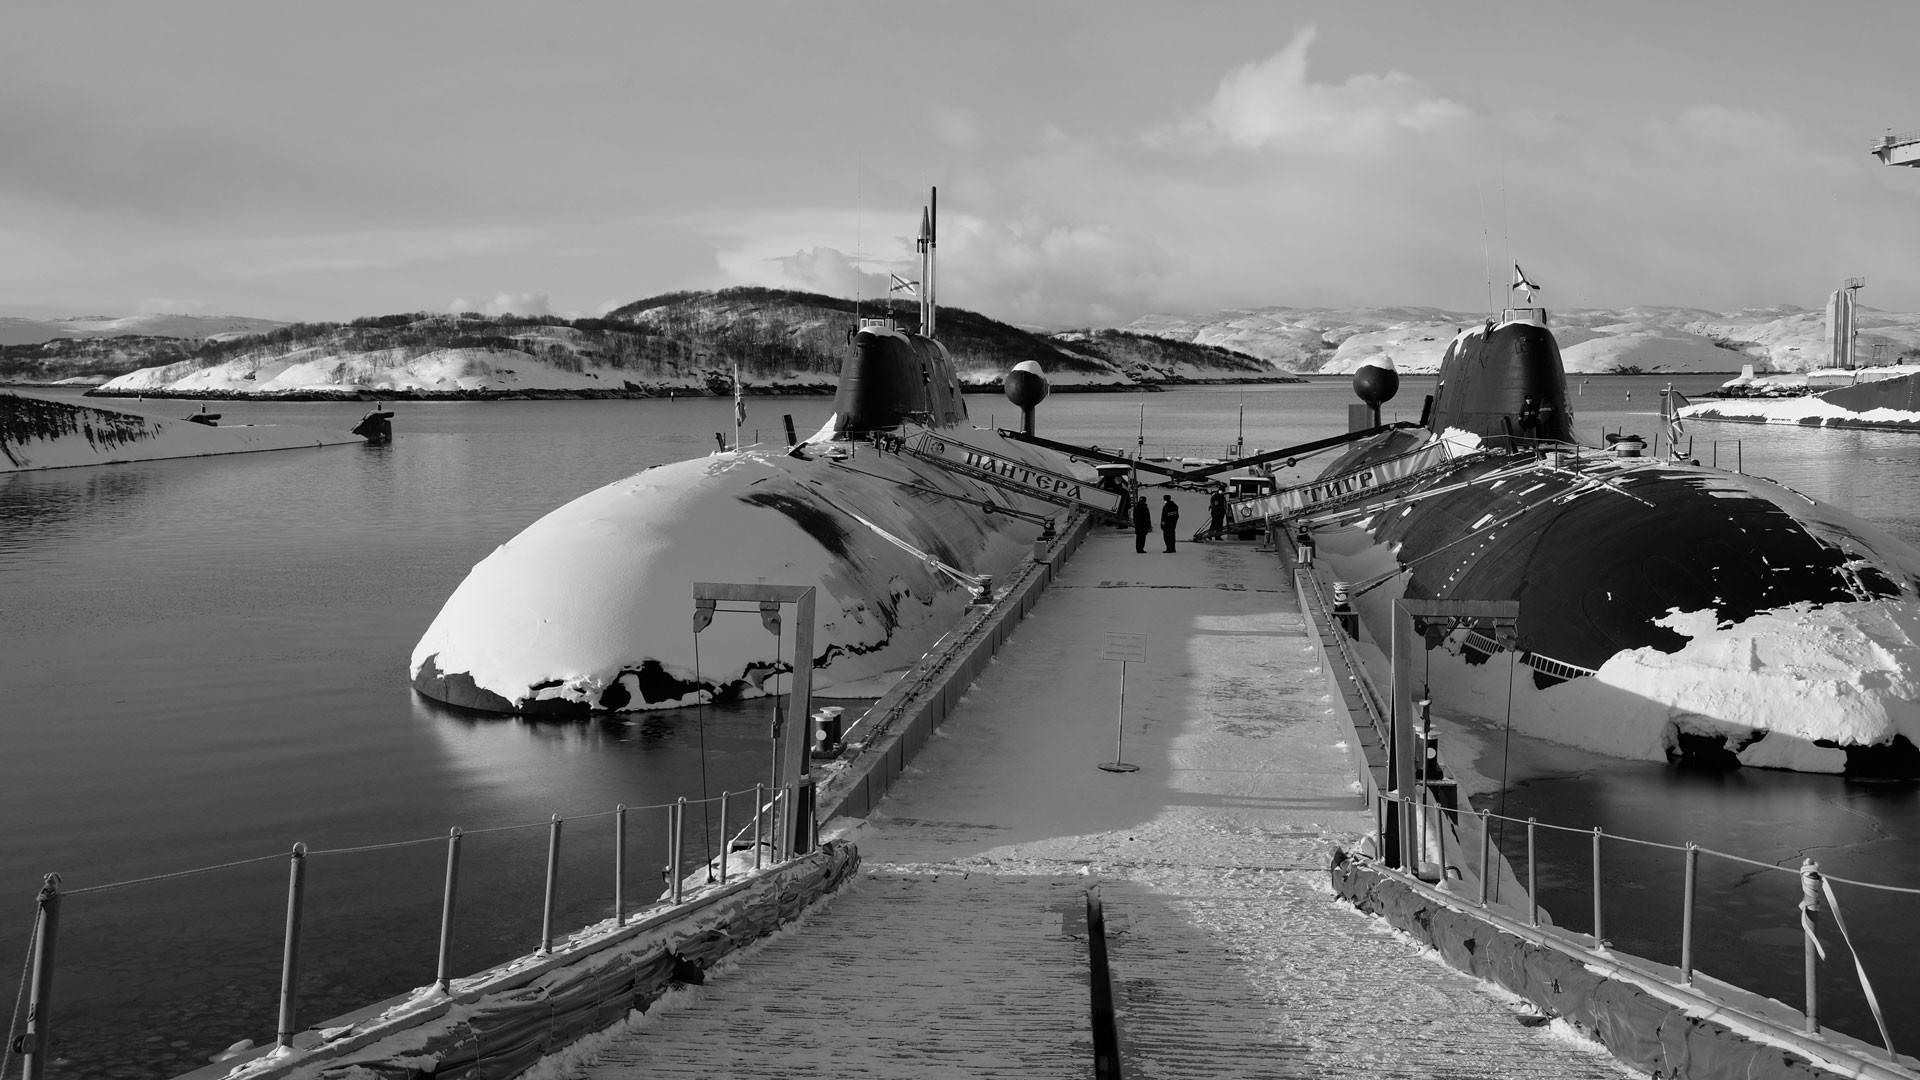 """Подводные лодки проекта 971 """"Щука-Б"""" на базе в Гаджиево Мурманской области. Фото: © РИА Новости/Павел Львов"""